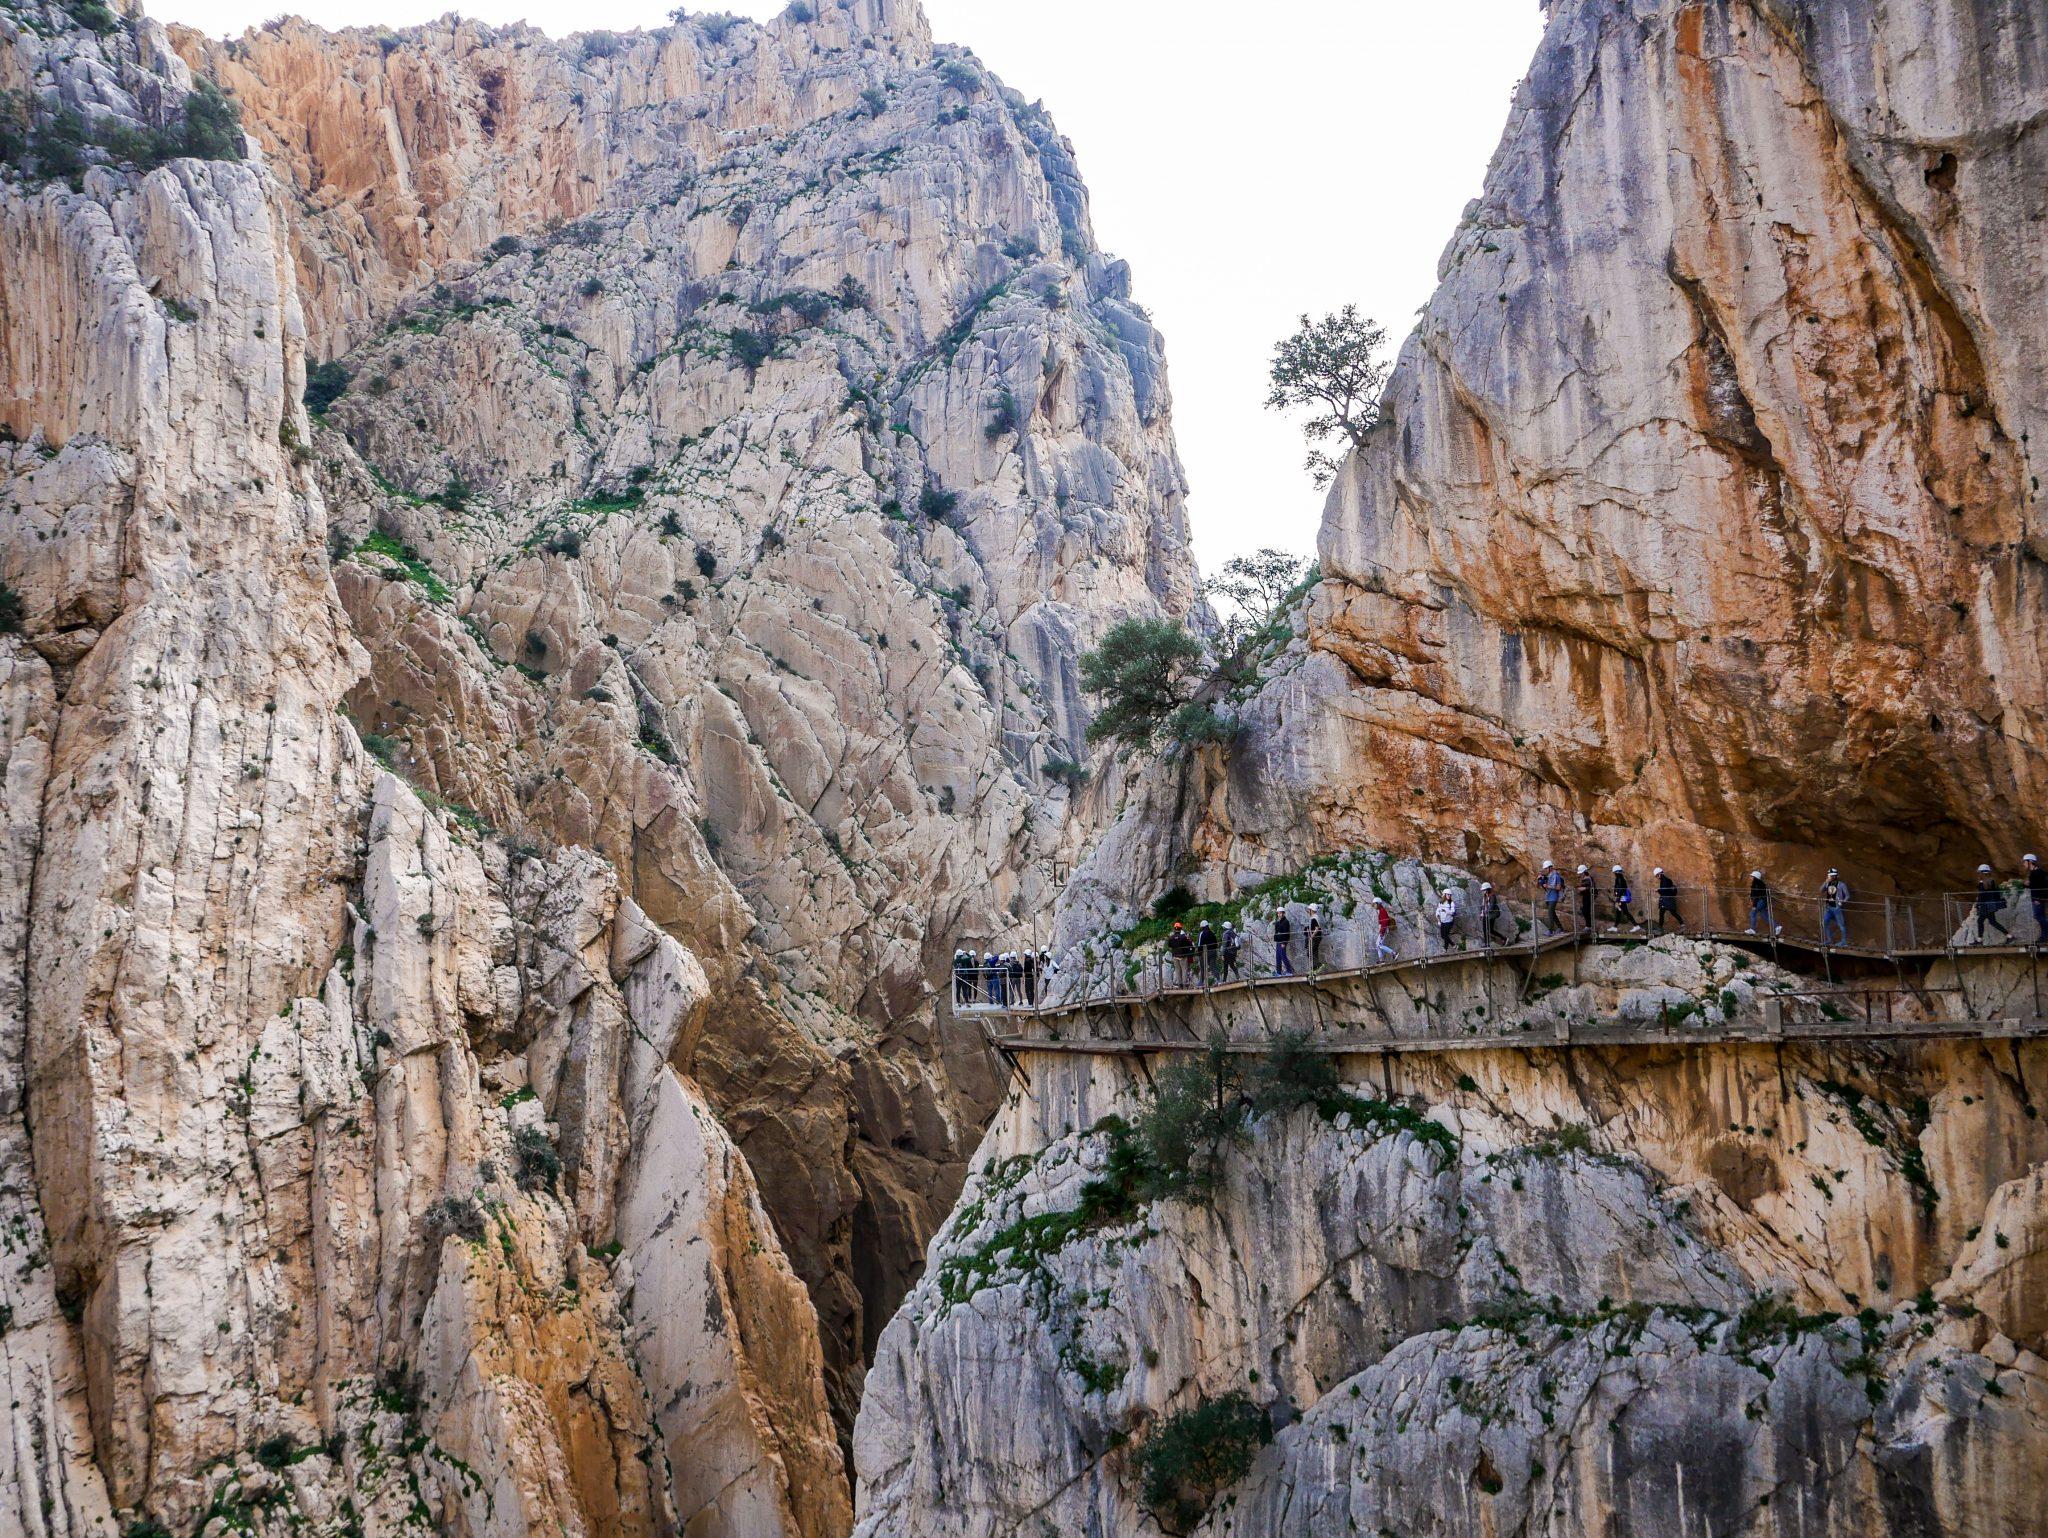 Caminito del Rey, Andalusien, Spanien: Damit du auch mal einen Überblick hast, wie riesig dort alles ist. Erkennst du die Menschen? Erkennst du den alten Weg unter ihnen?